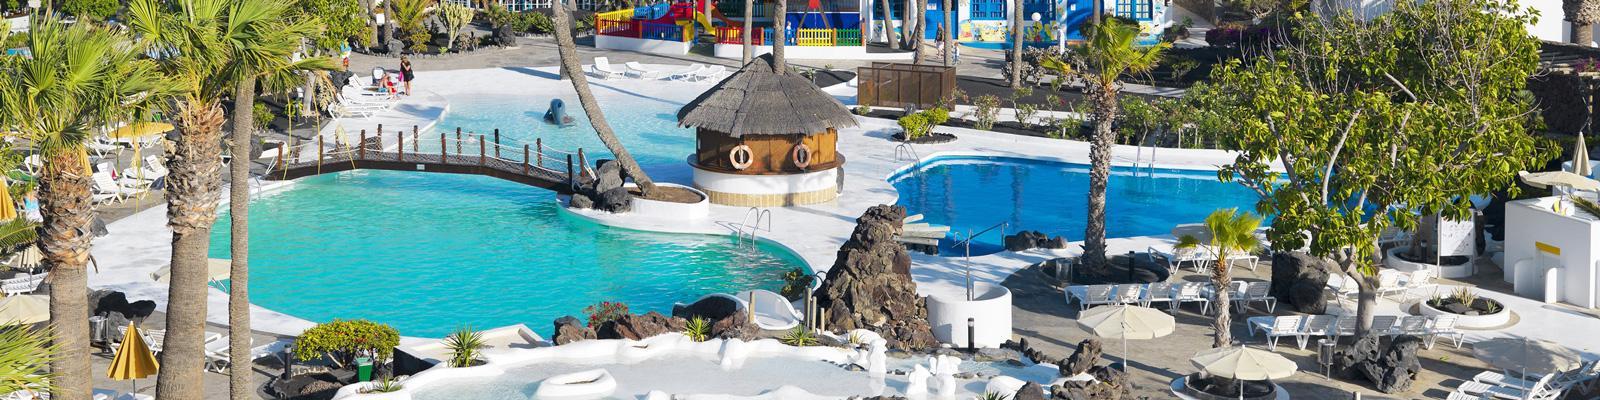 H10 Lanzarote Garden - Hotel a Costa Teguise